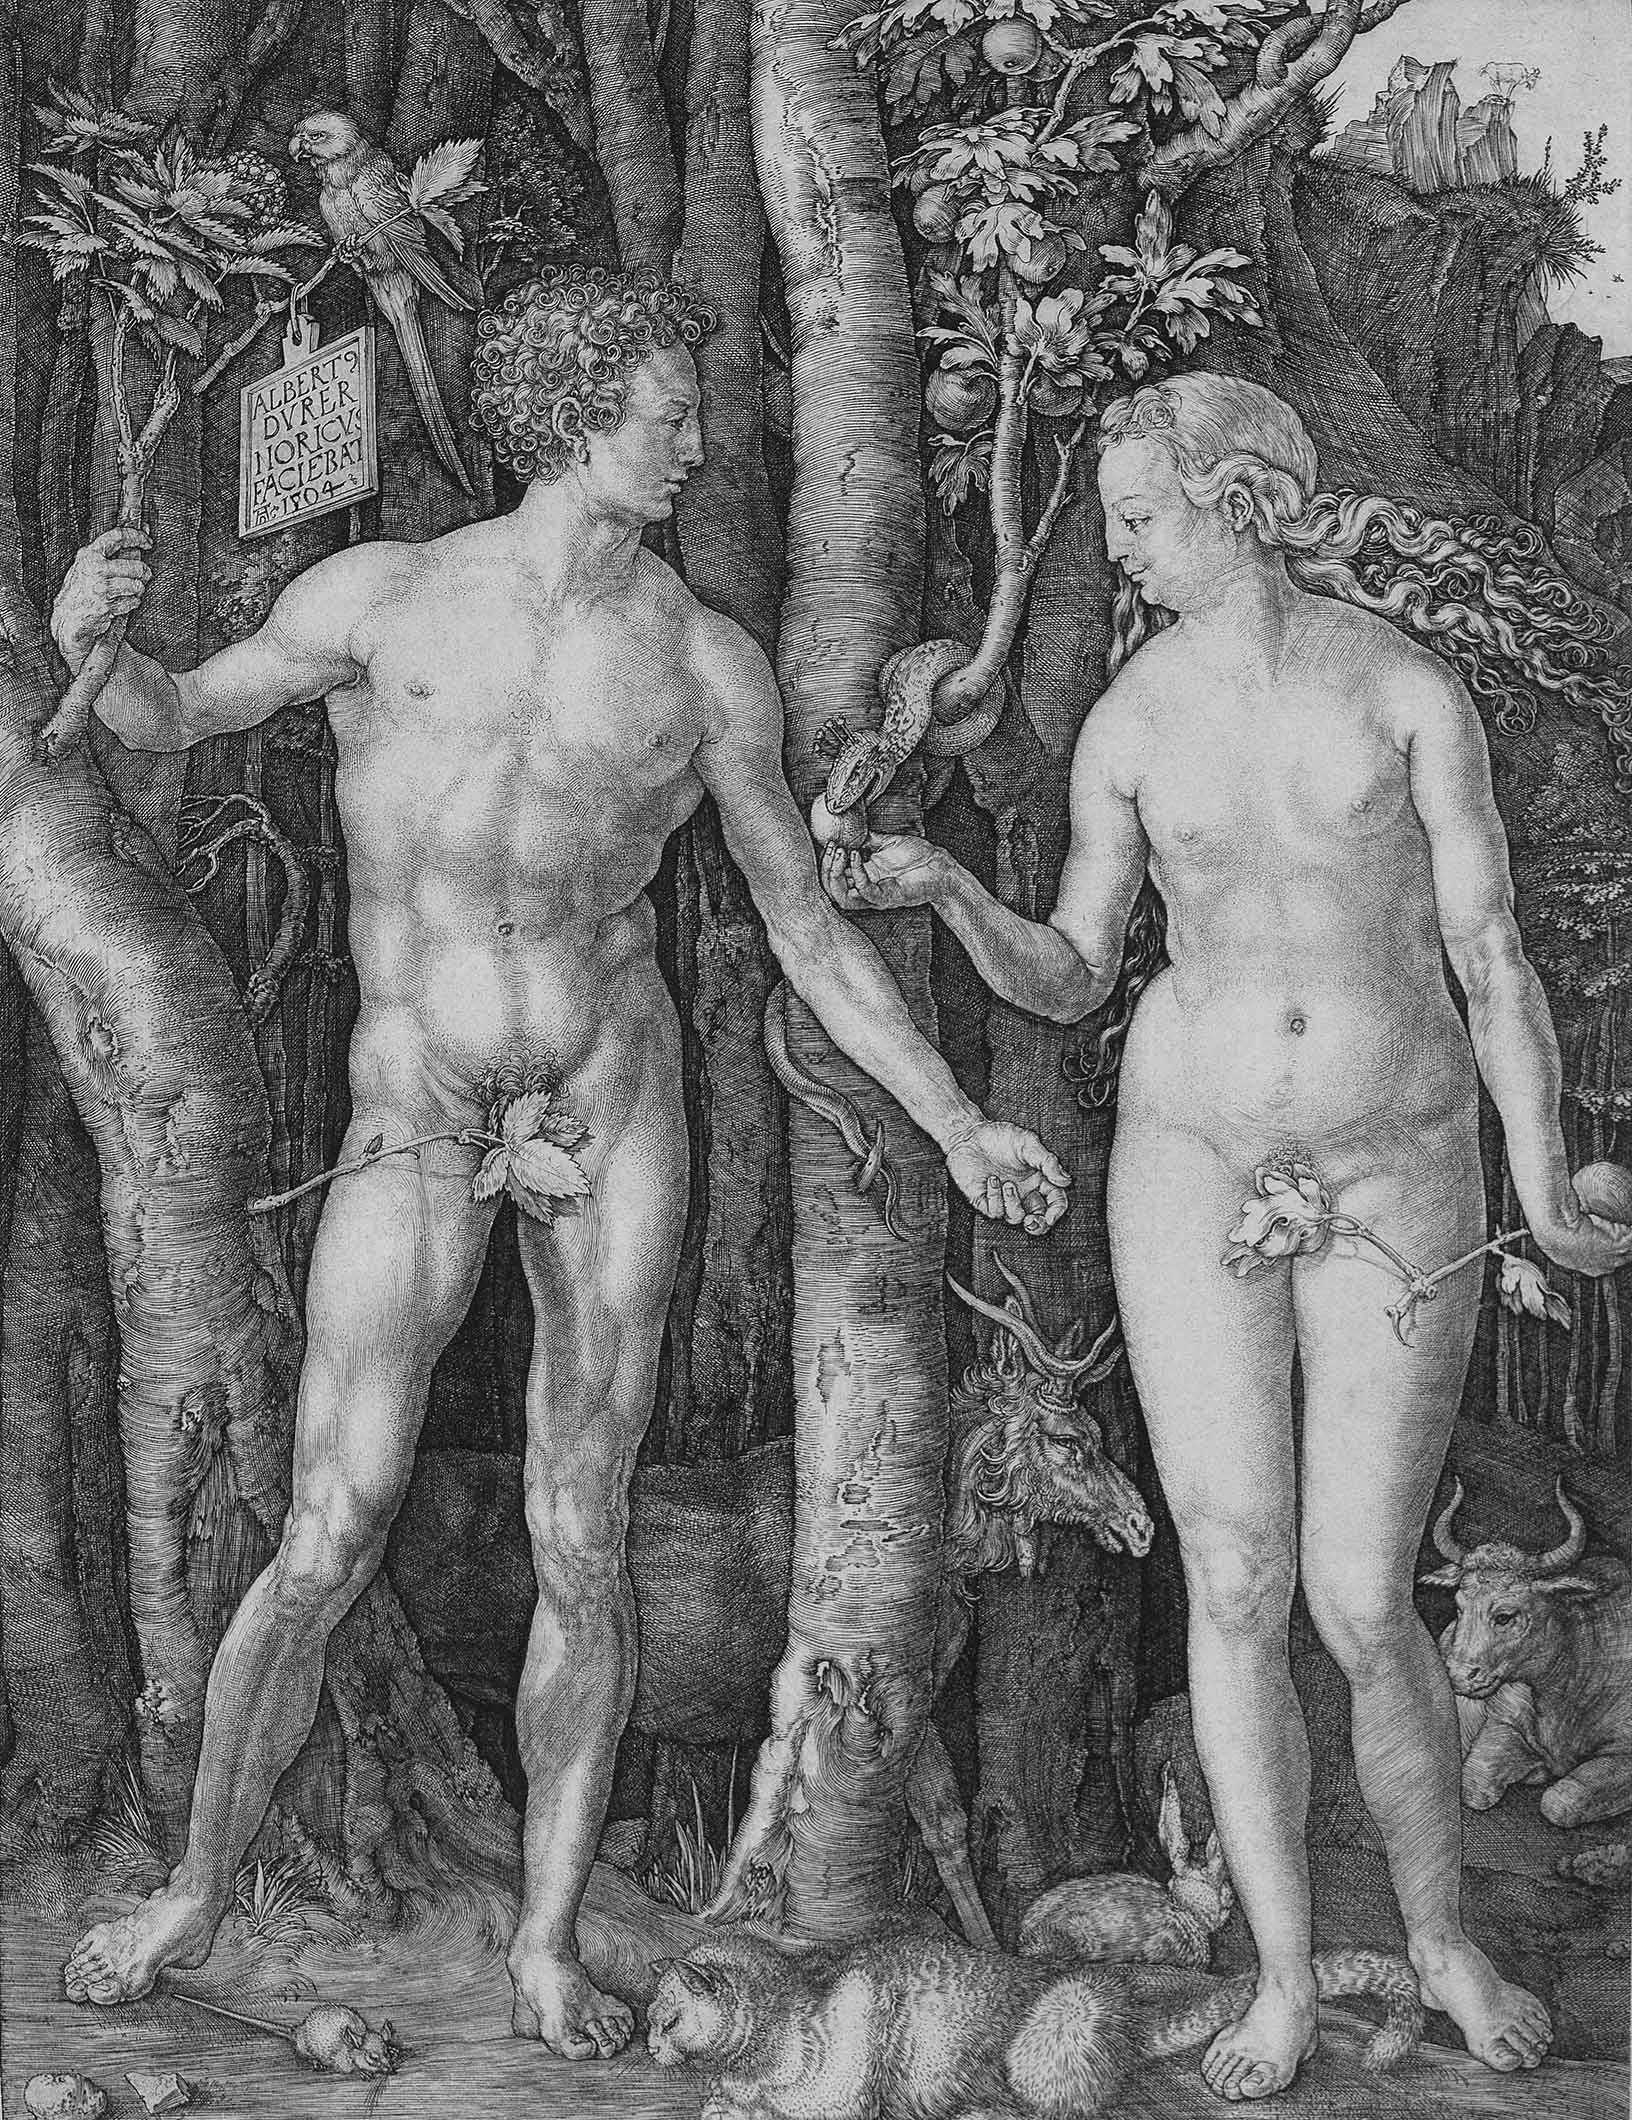 Albrecht Dürer (Nürnberg 1471-1528) Adam und Eva, Kupferstich, in der Platte monogrammiert und datiert AD 1504, 24,9 x 19 cm, erzielter Preis € 41.780, Auktion 4. 11. 2010